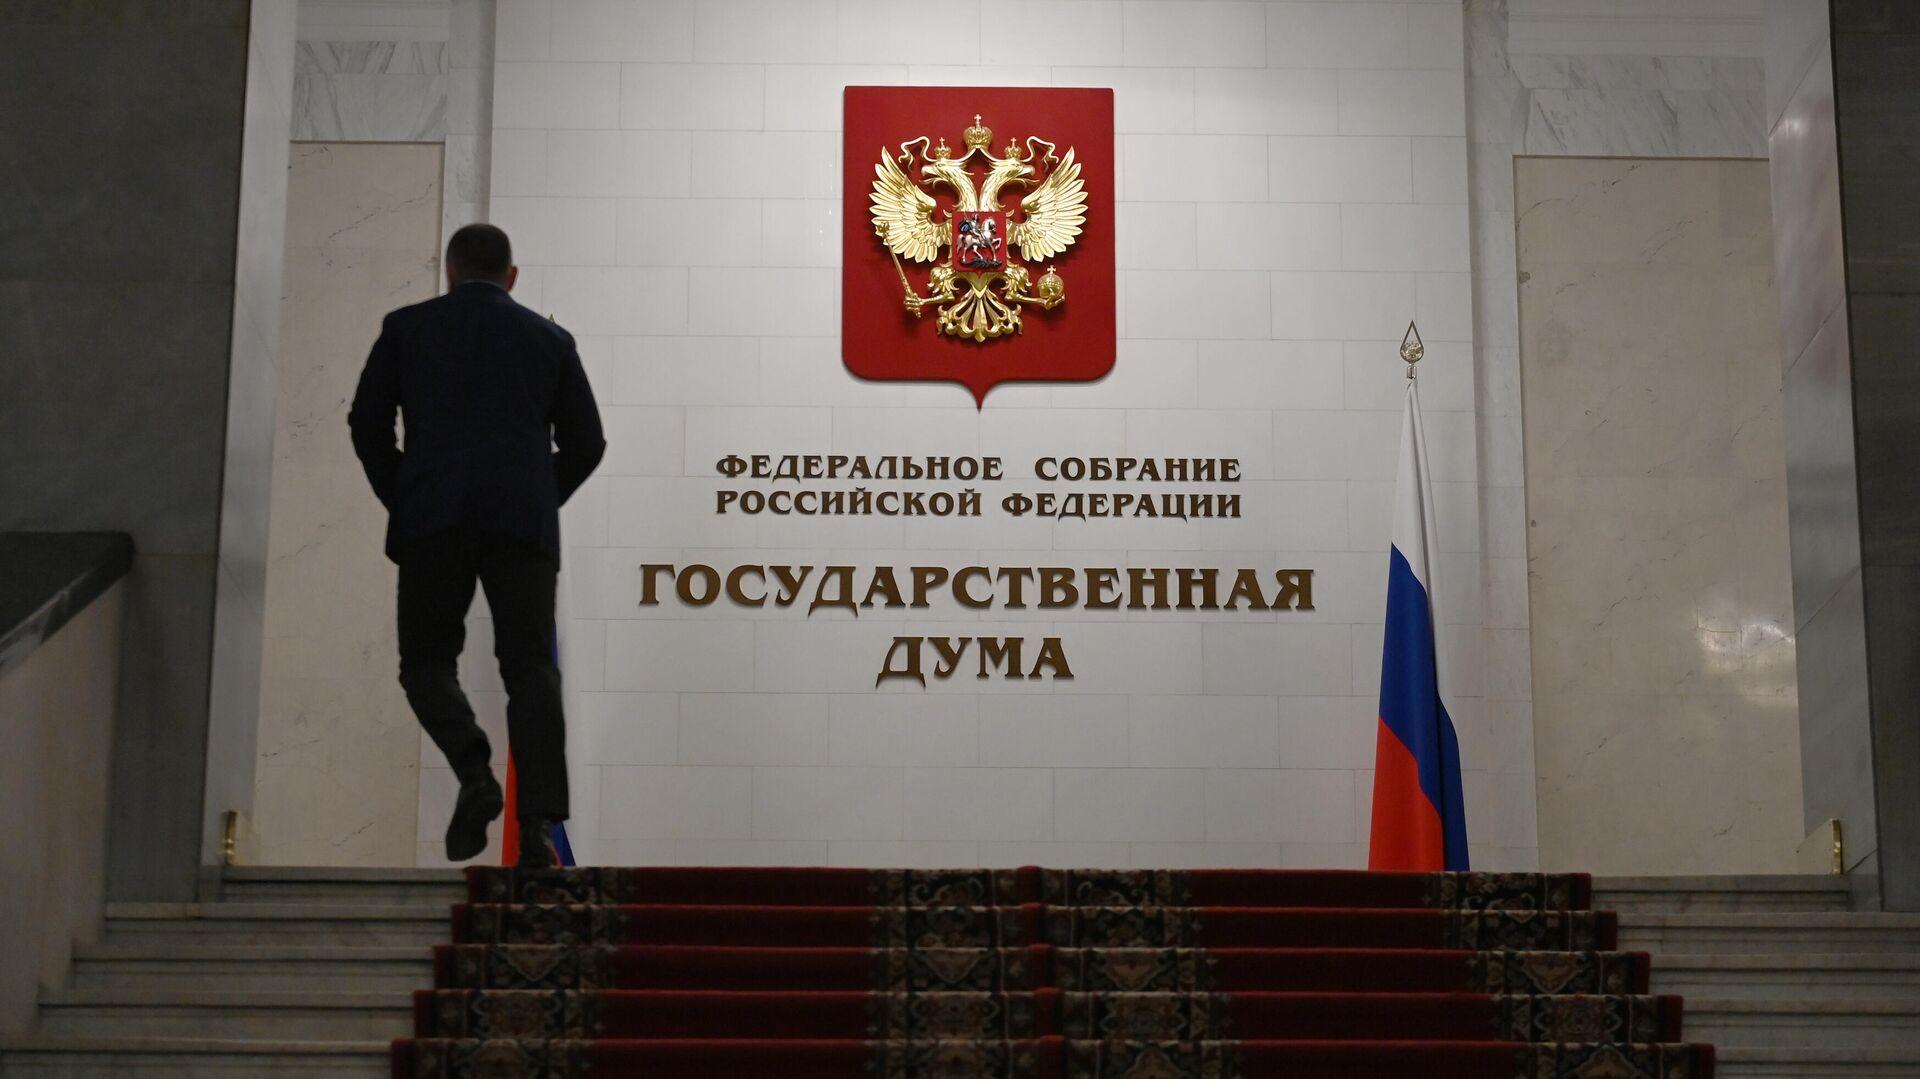 Мужчина в здании Государственной думы РФ - РИА Новости, 1920, 04.05.2021